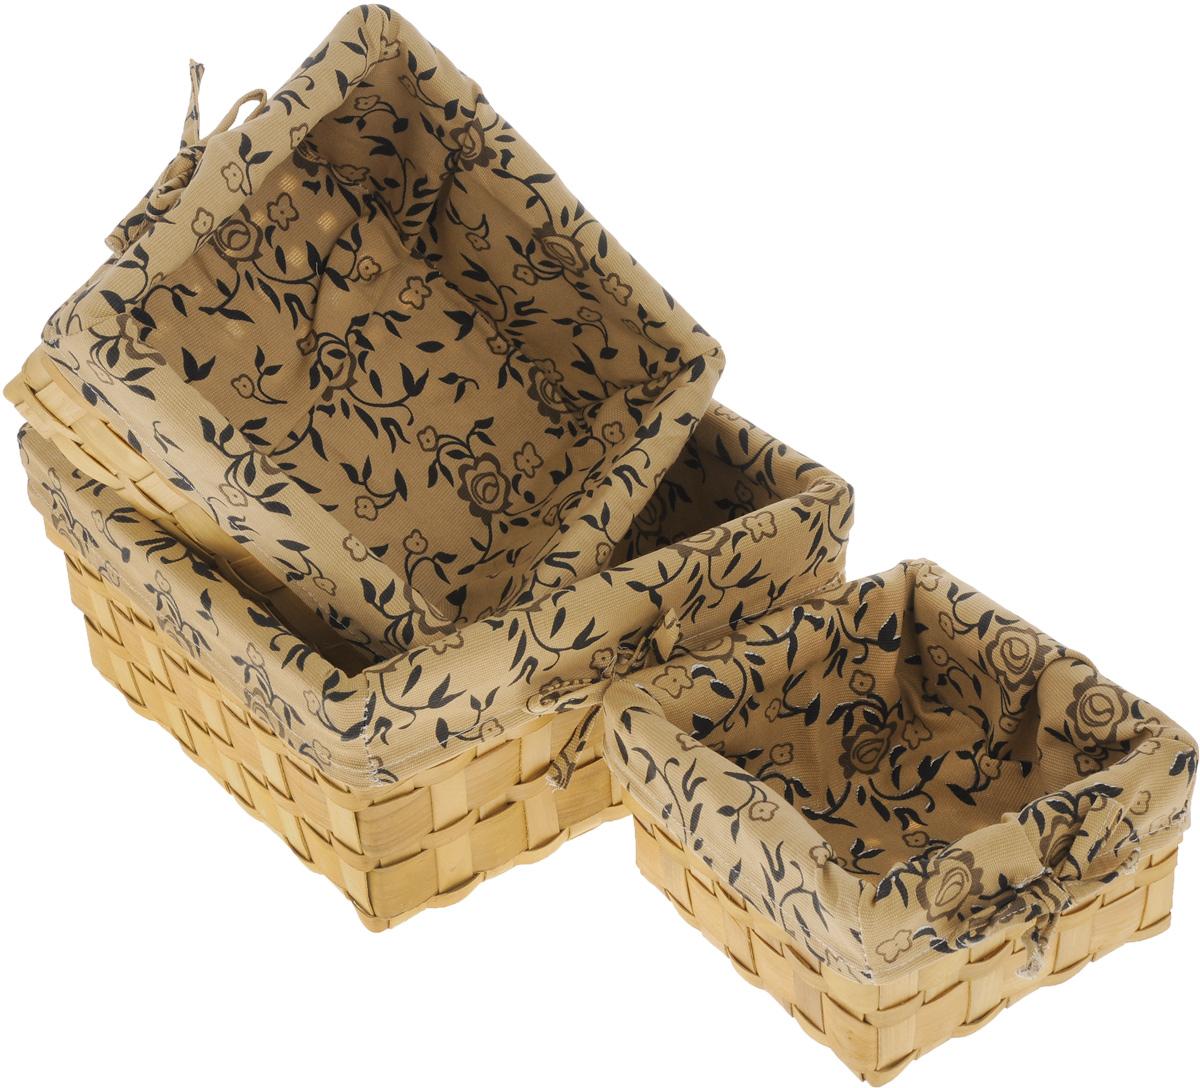 Набор плетеных корзинок Miolla, цвет: бежевый, коричневый, 3 шт. QL400449RG-D31SНабор Miolla состоит из трех квадратных плетеных корзинок разного размера. Изделия выполнены из плетеной древесины и обтянуты тканью с оригинальным растительным узором. Такие корзинки прекрасно подойдут для хранения хлеба и других хлебобулочных изделий, печенья, а также бытовых принадлежностей и различных мелочей. Стильный дизайн корзинок сделает их украшением интерьера помещения. Подойдут для кухни, спальни, прихожей, ванной. Размер малой корзины: 21 х 21 х 11,5 см. Размер средней корзины: 25 х 25 х 14 см.Размер большой корзины: 30 х 30 х 16 см.